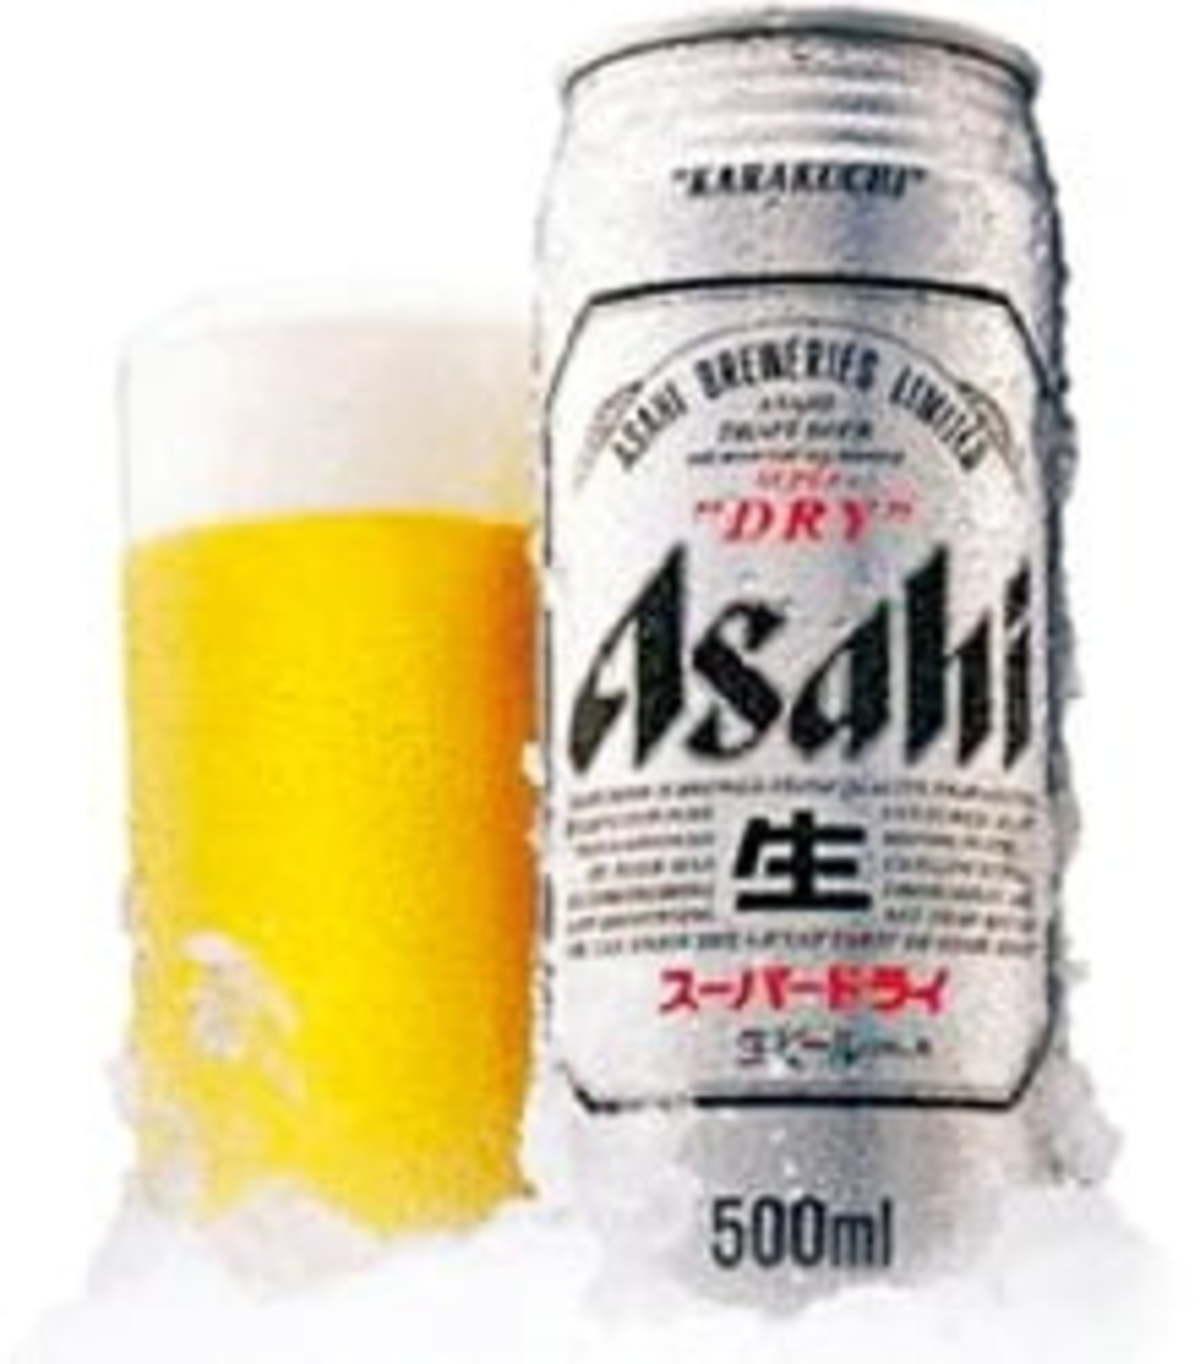 아사히 맥주 2등도 뺏기나 한경닷컴